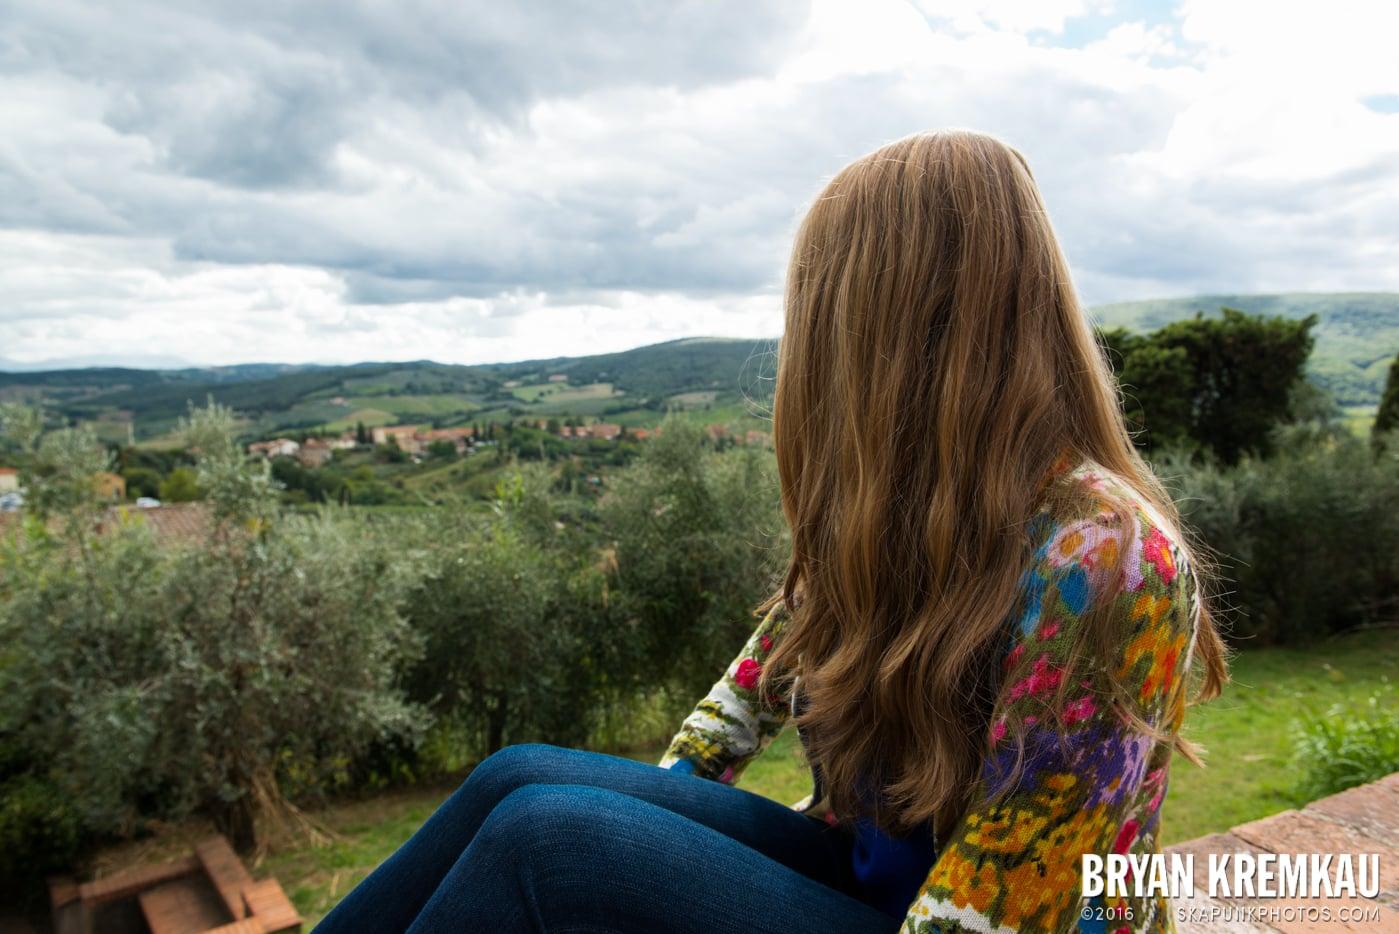 Italy Vacation - Day 8: Siena, San Gimignano, Chianti, Pisa - 9.16.13 (60)